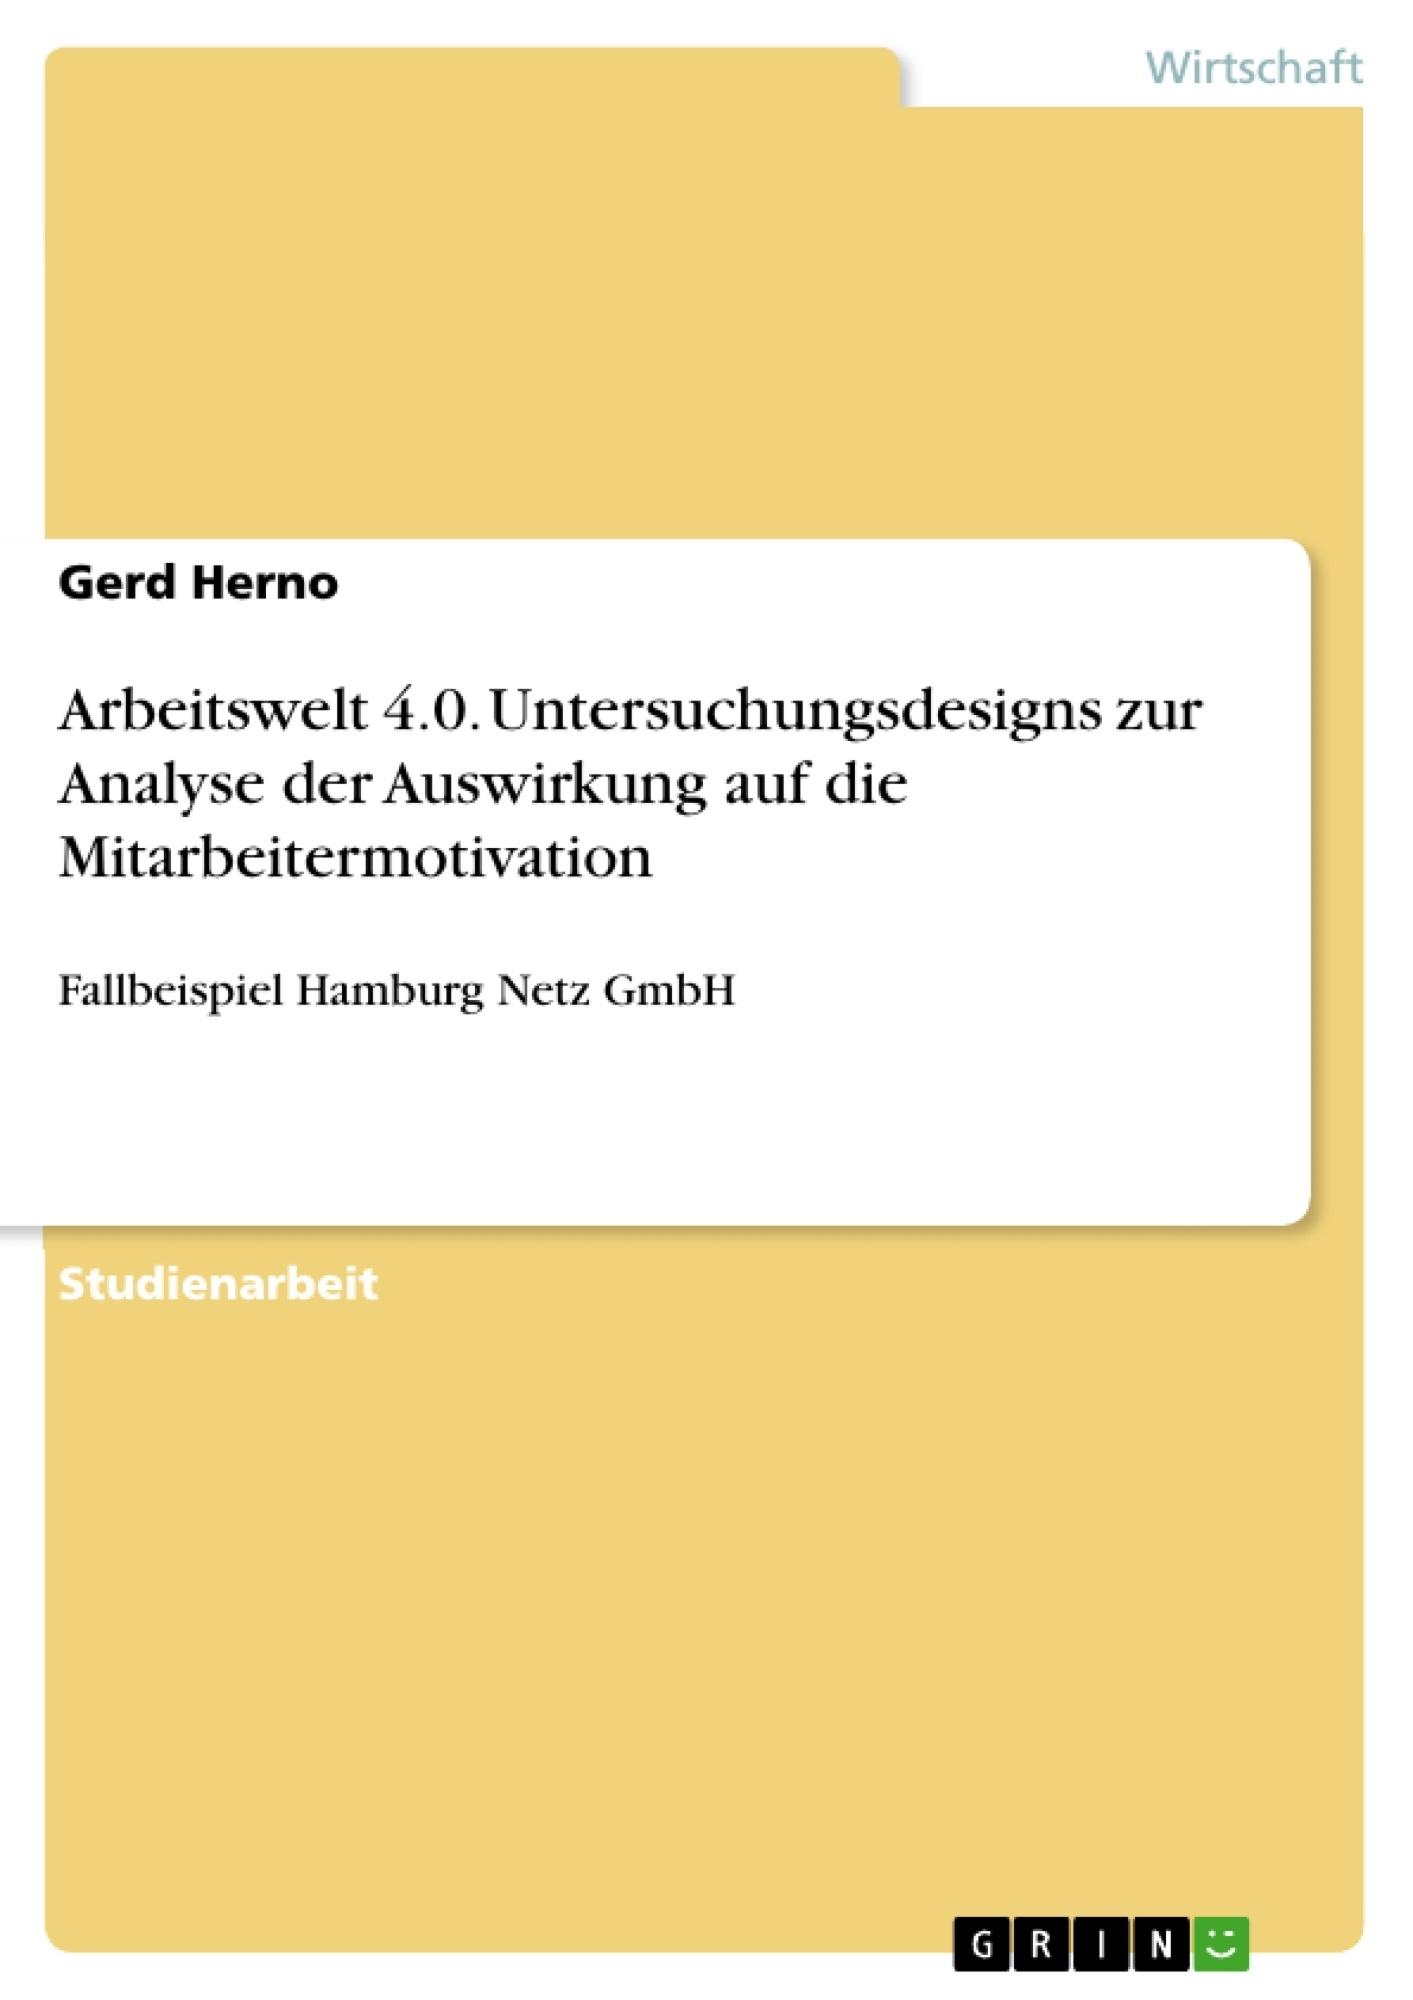 Titel: Arbeitswelt 4.0. Untersuchungsdesigns zur Analyse der Auswirkung auf die Mitarbeitermotivation